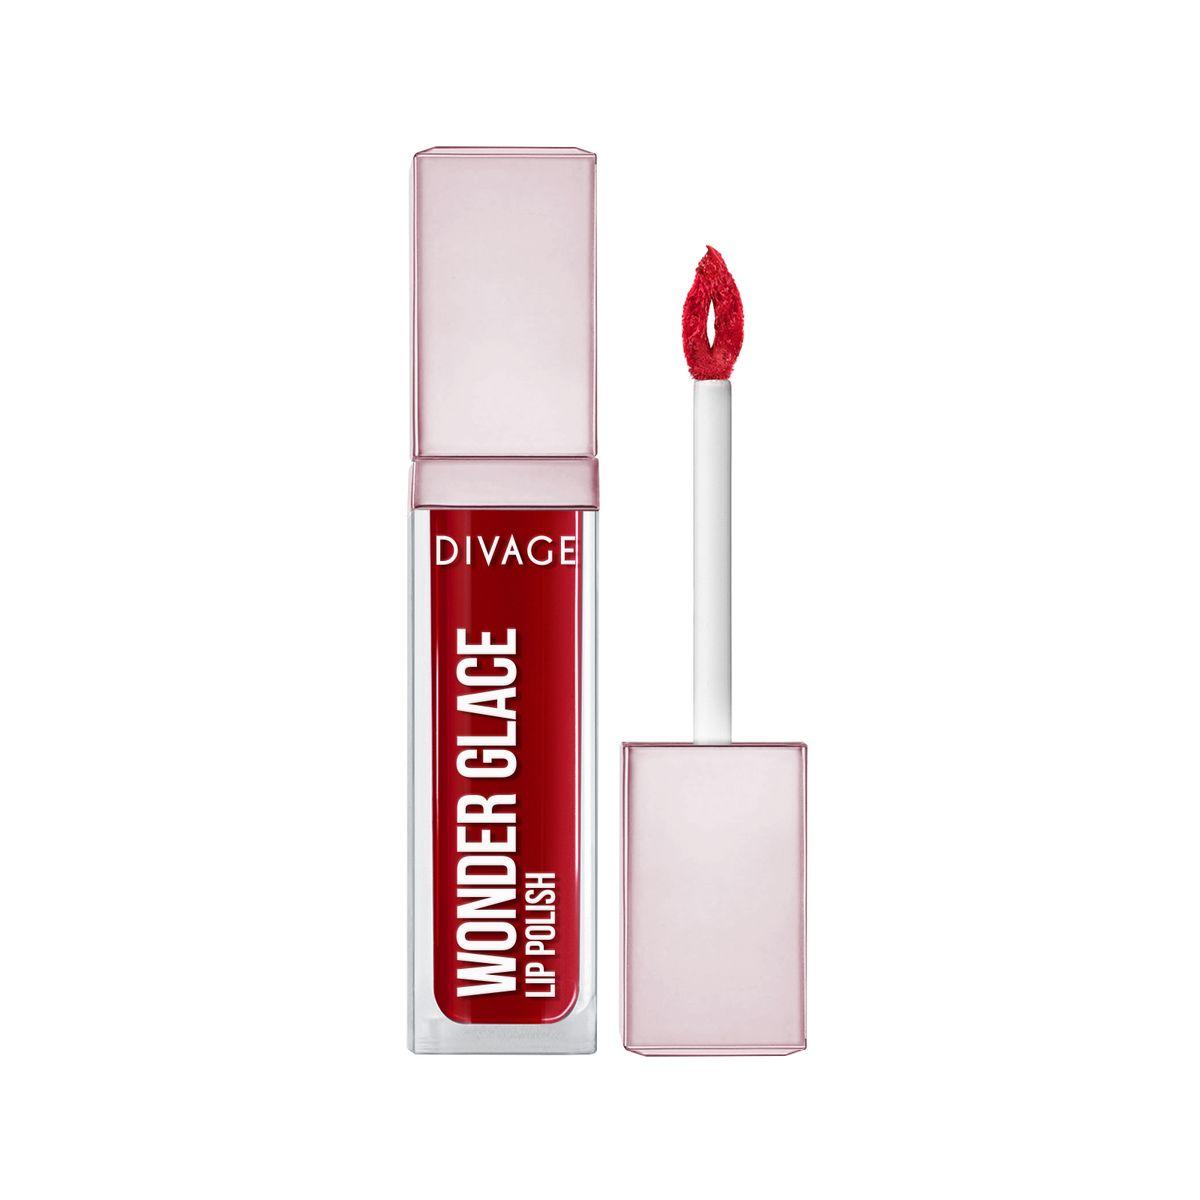 DIVAGE Лак для губ WONDER GLACE, тон № 07, 5 мл009332DIVAGE приготовил для тебя отличный подарок - лак для губ с инновационной формулой, которая придает глубокий и насыщенный цвет.Роскошное глянцевое сияние на твоих губах сделает макияж особенным и неповторимым. 8 самых актуальных оттенков, чтобы ты могла выглядеть ярко и привлекательно в любой ситуации. Особая форма аппликатора позволяет идеально прокрашивать губы и делает нанесение более комфортным. Лак не только смотрится ярко, но и увлажняет и защищает твои губы. Будь самой неповторимой этой весной и восхищай всех роскошным блеском и невероятно насыщенным цветом с лаком для губ «WONDER GLACE» от DIVAGE!